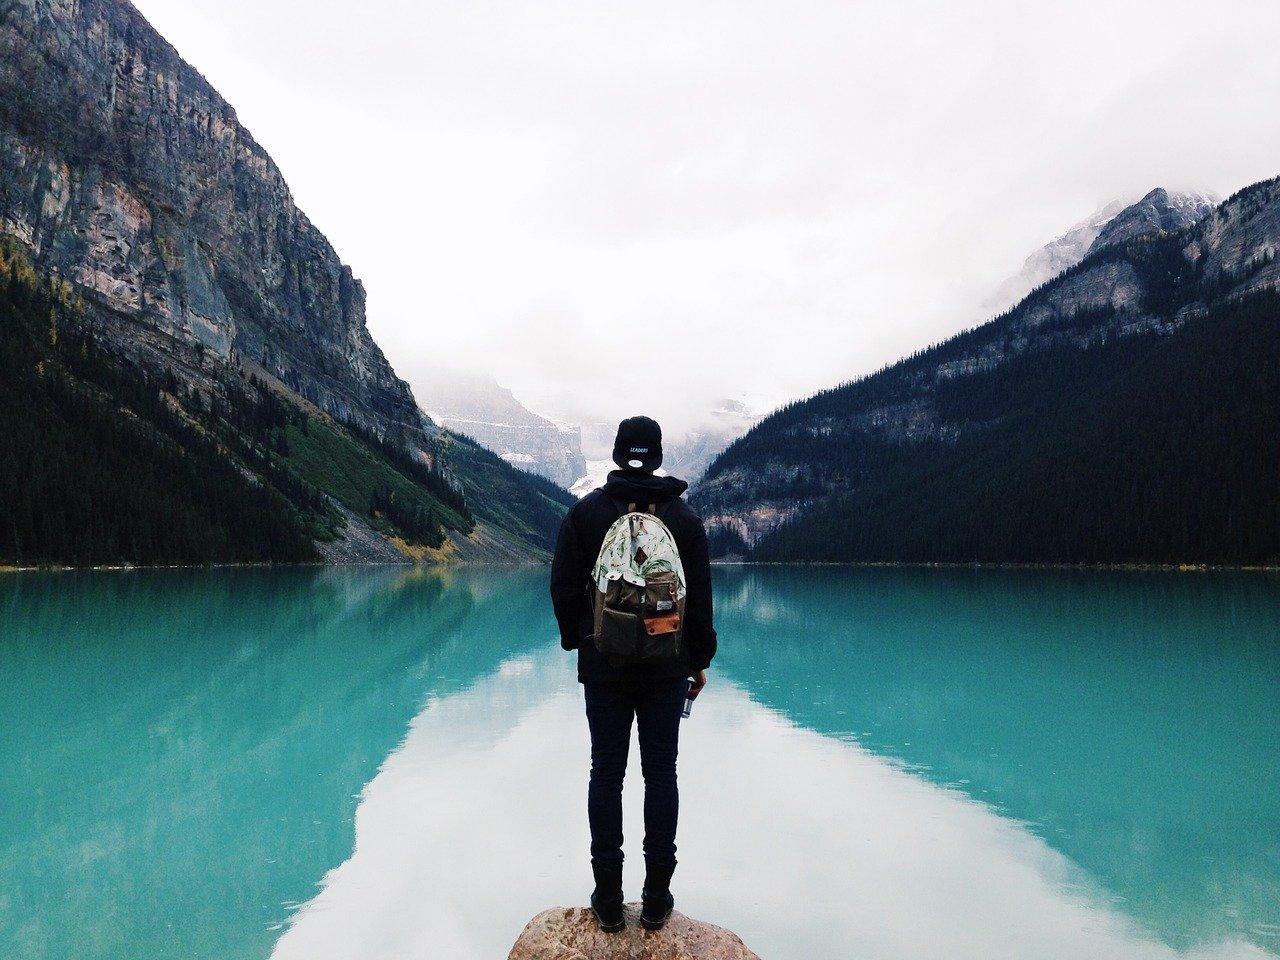 person, mountain lake, reflection